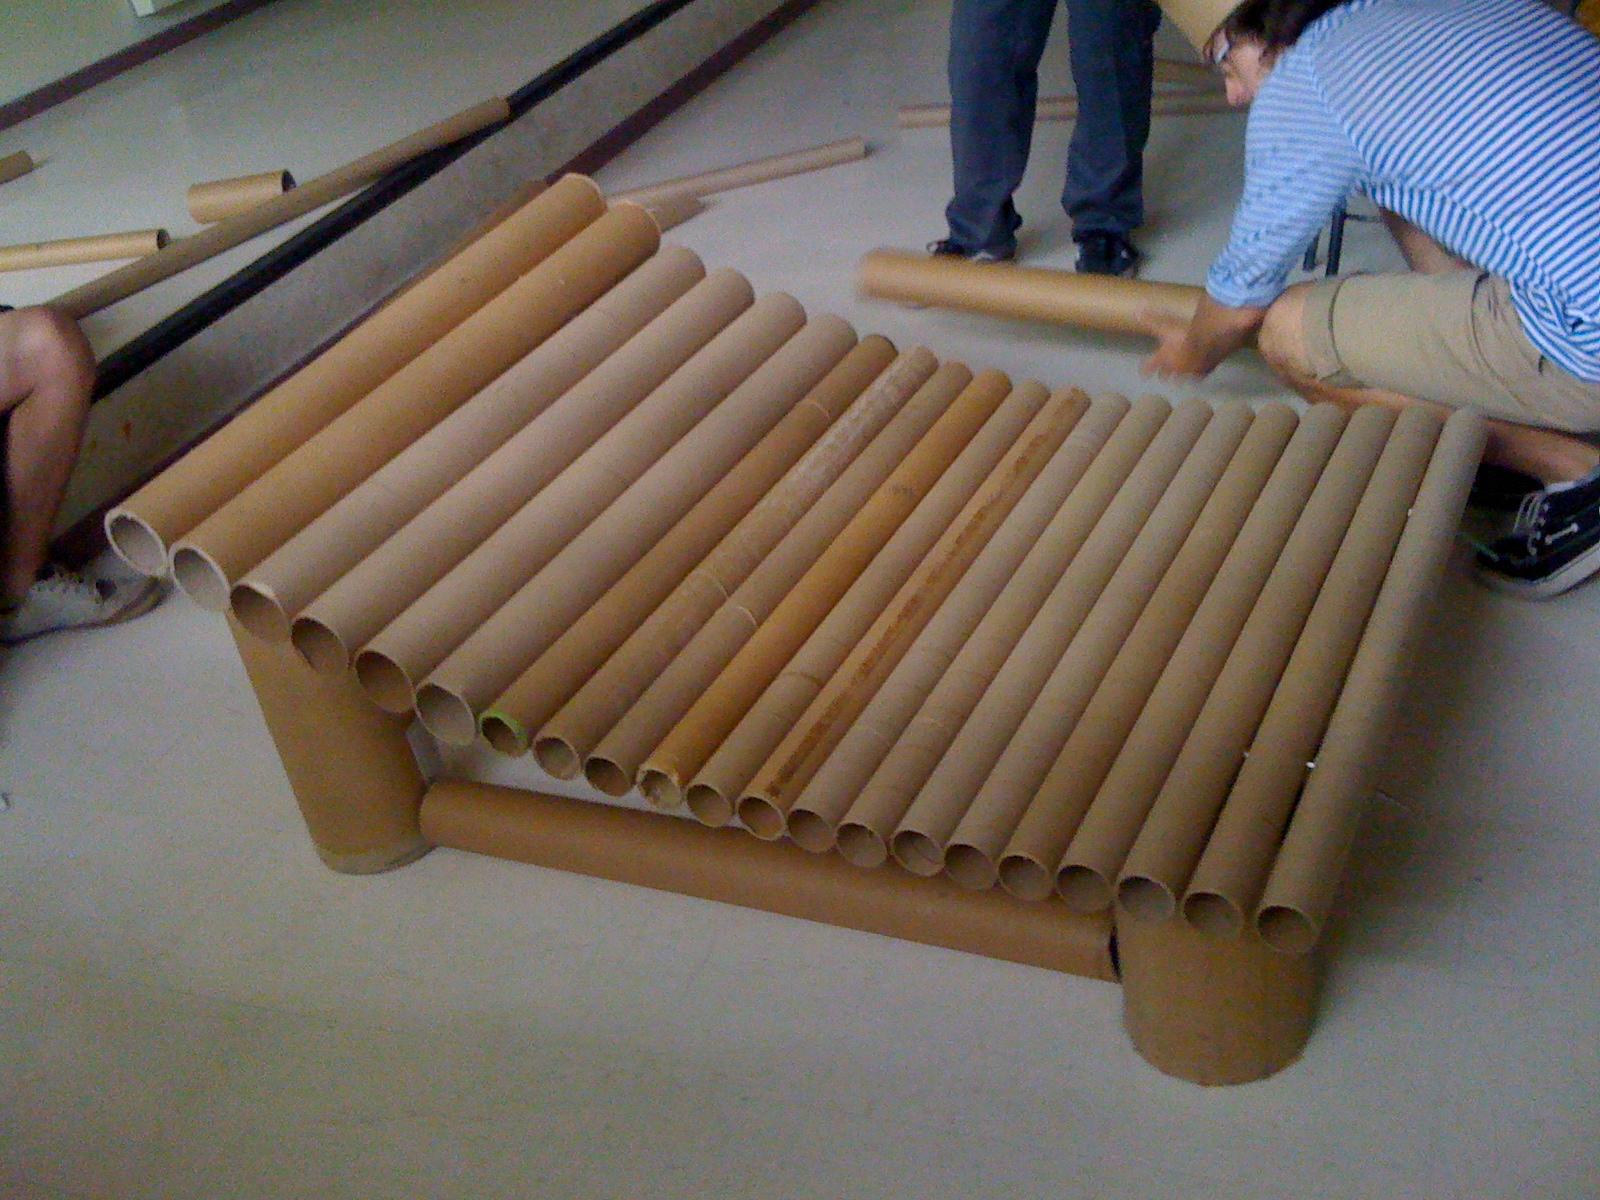 El Kromablog Diciembre 2012 # Muebles De Tubos De Carton